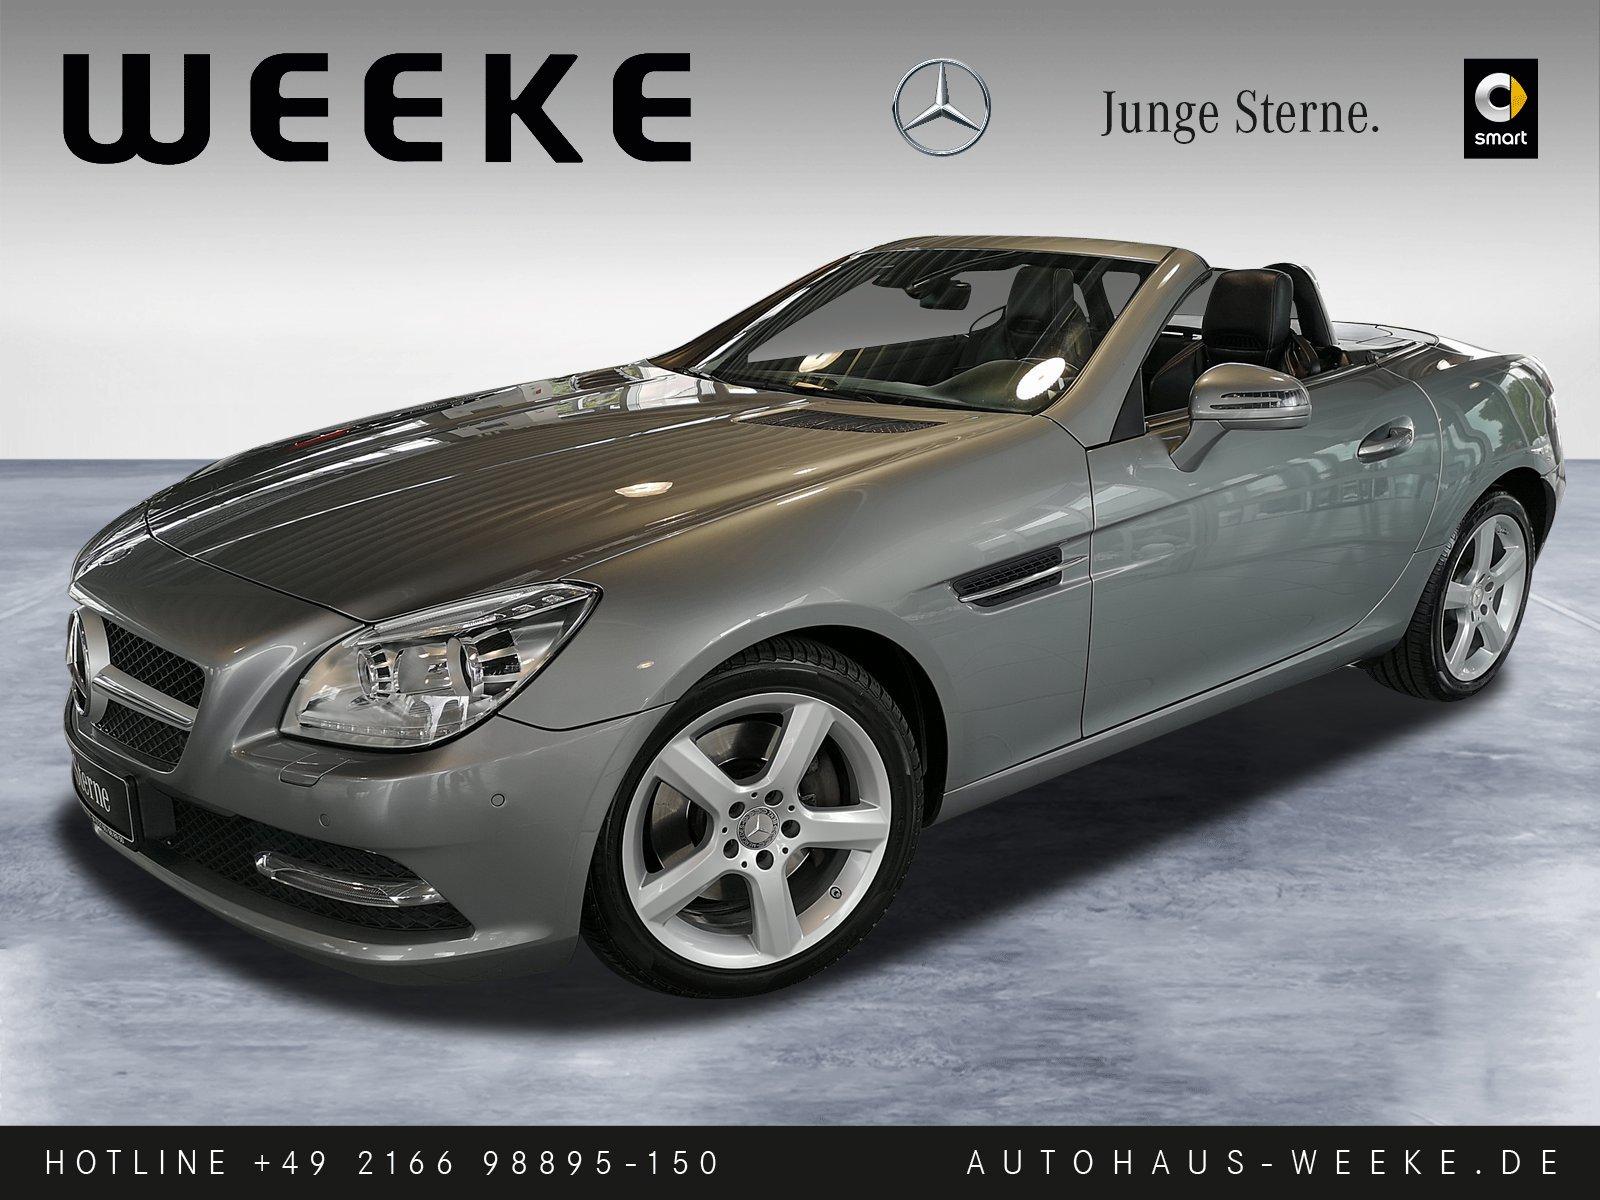 Mercedes-Benz SLK 250 CDI BE+XENON-ILS+AIRSCARF+PANORMA-DACH+N, Jahr 2015, Diesel